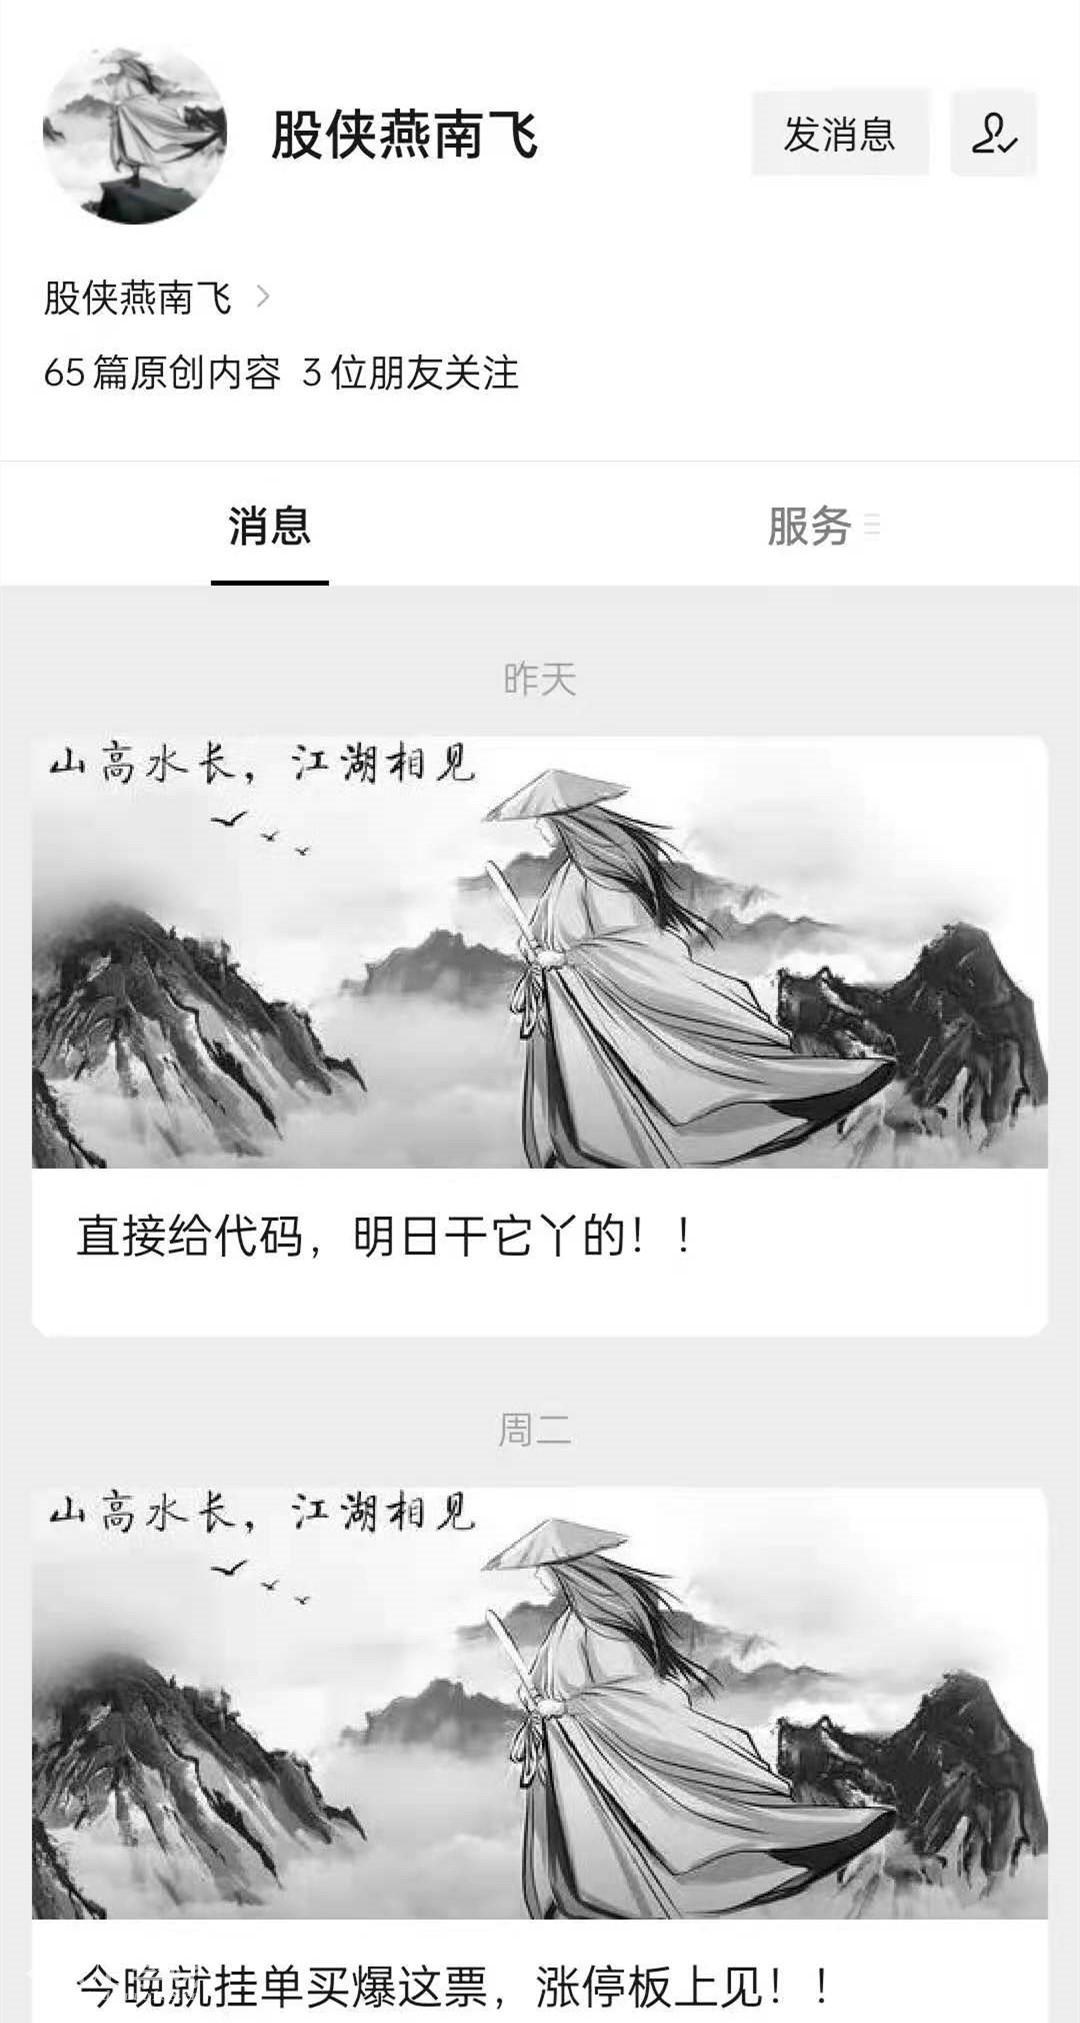 【股票股侠燕南飞】飞哥擒龙捉妖圣经战法